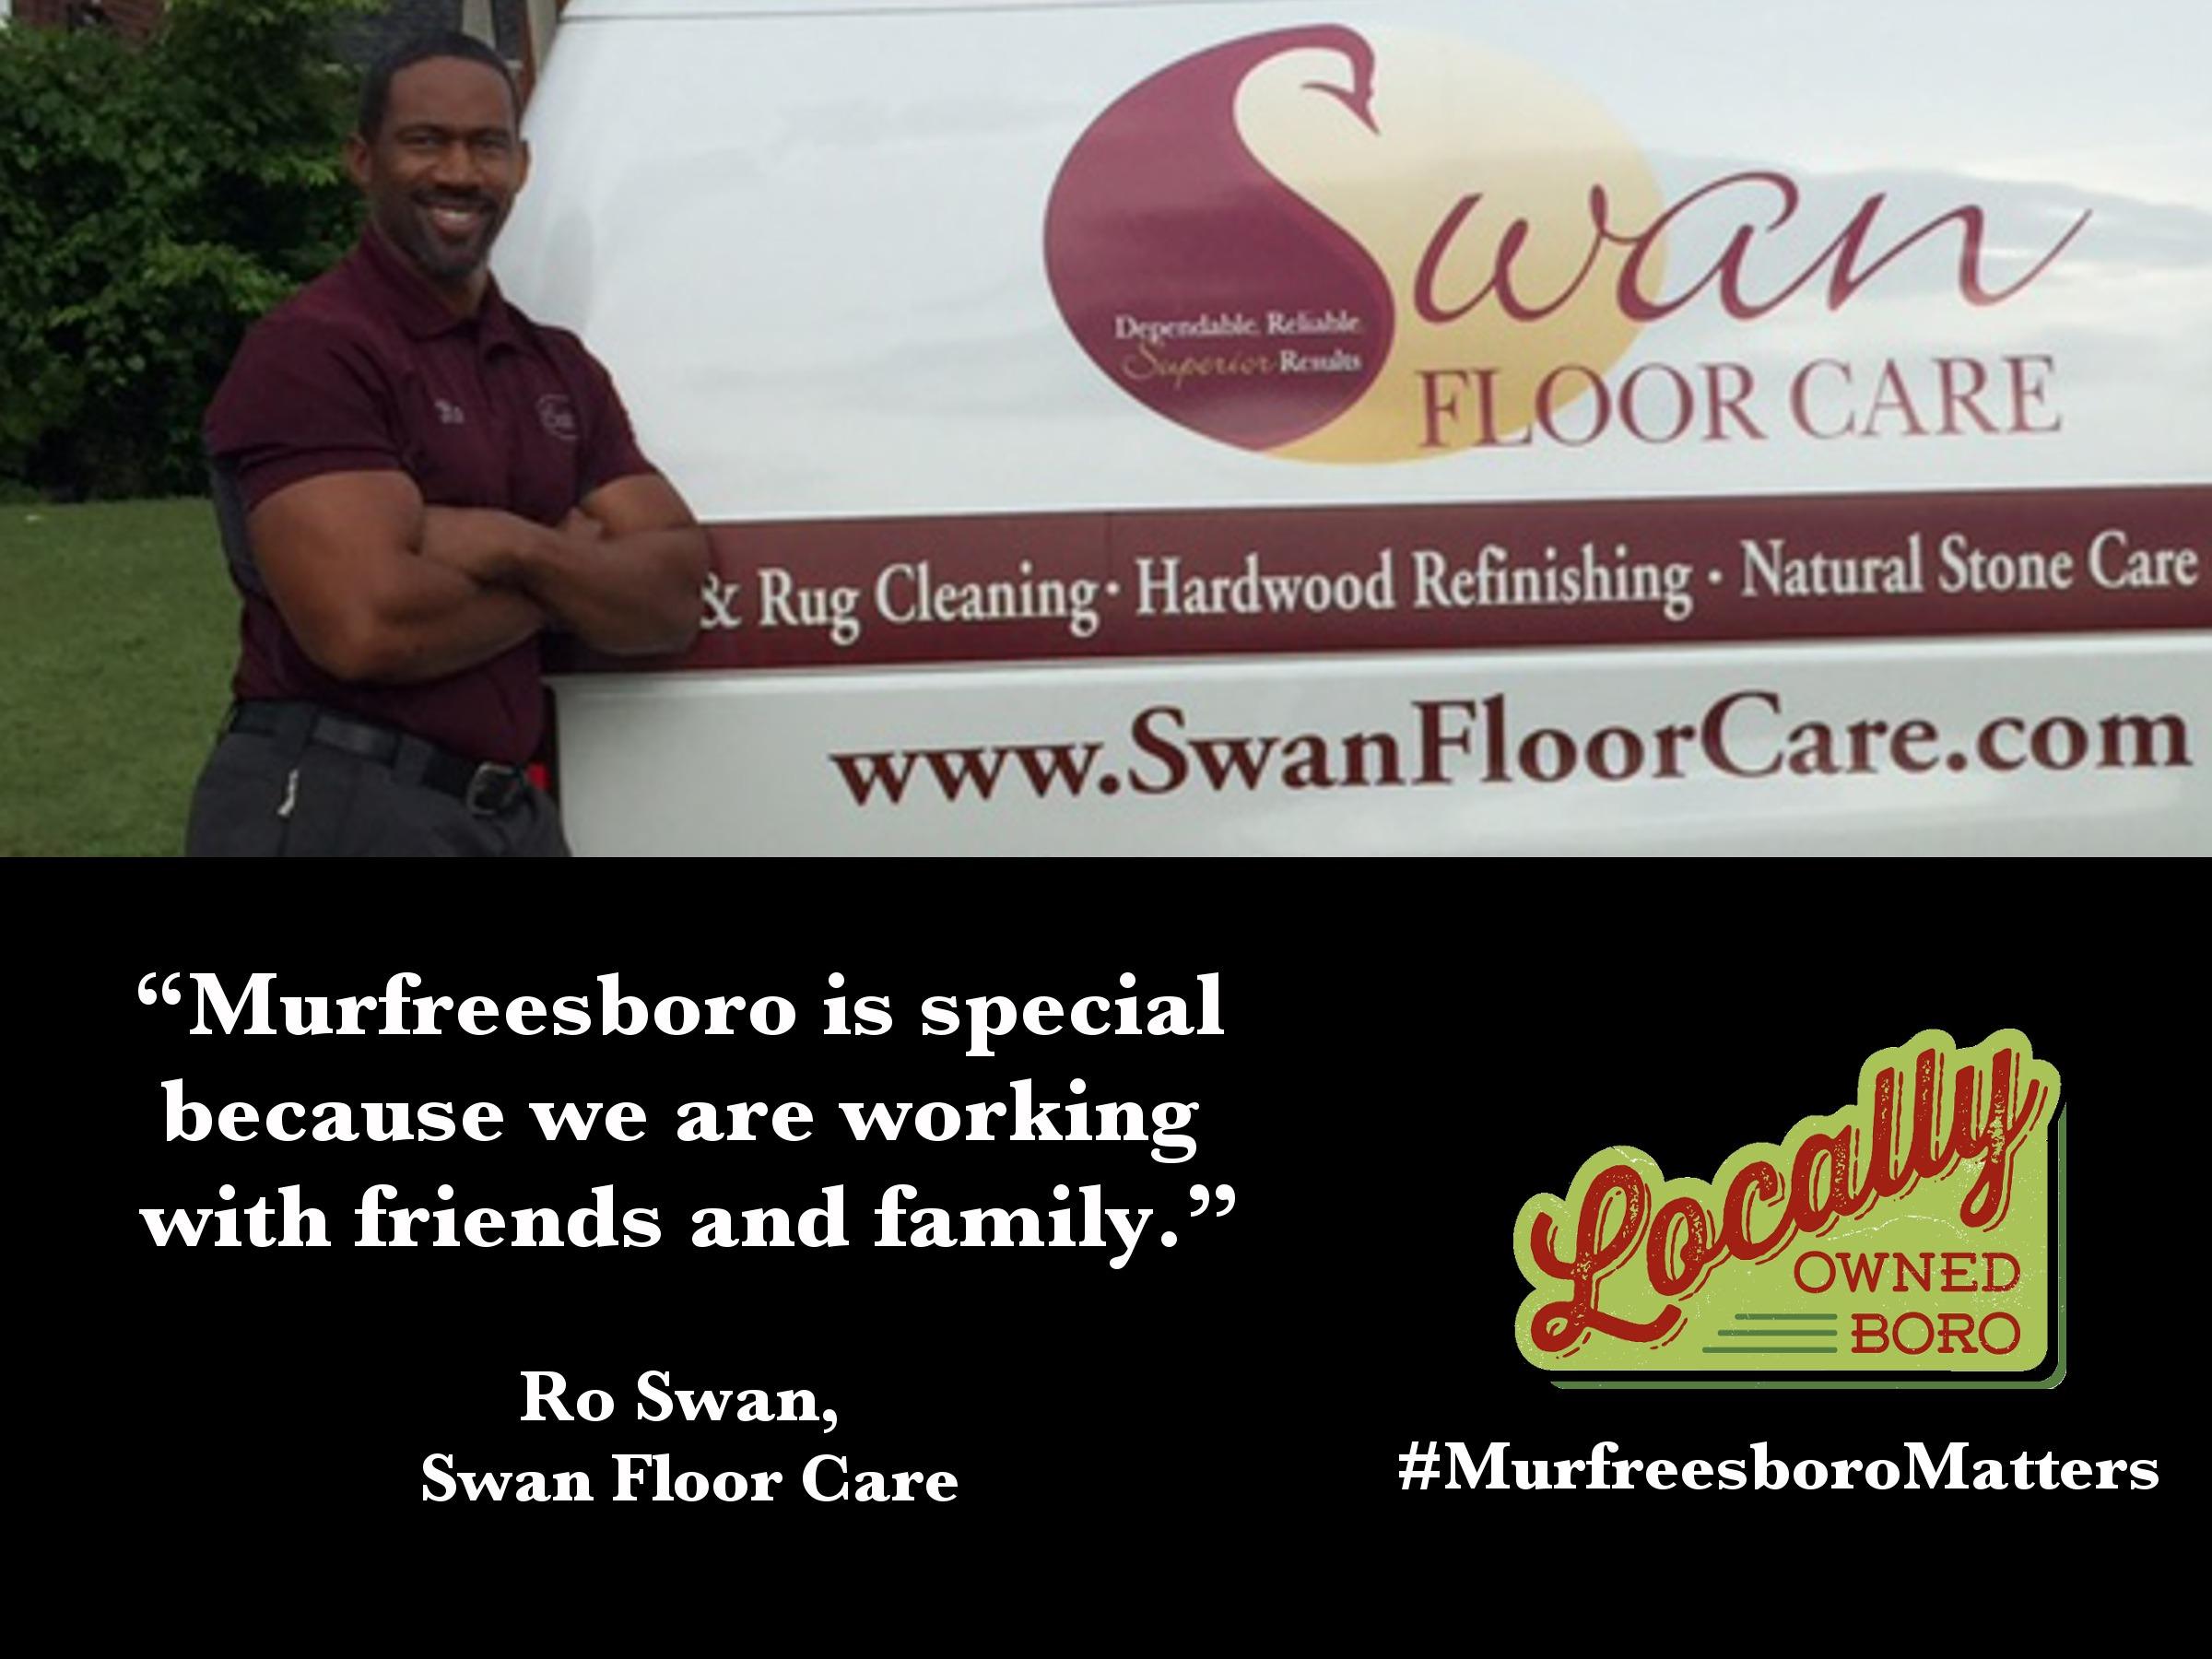 Ro Swan, owner of Swan Floor Care